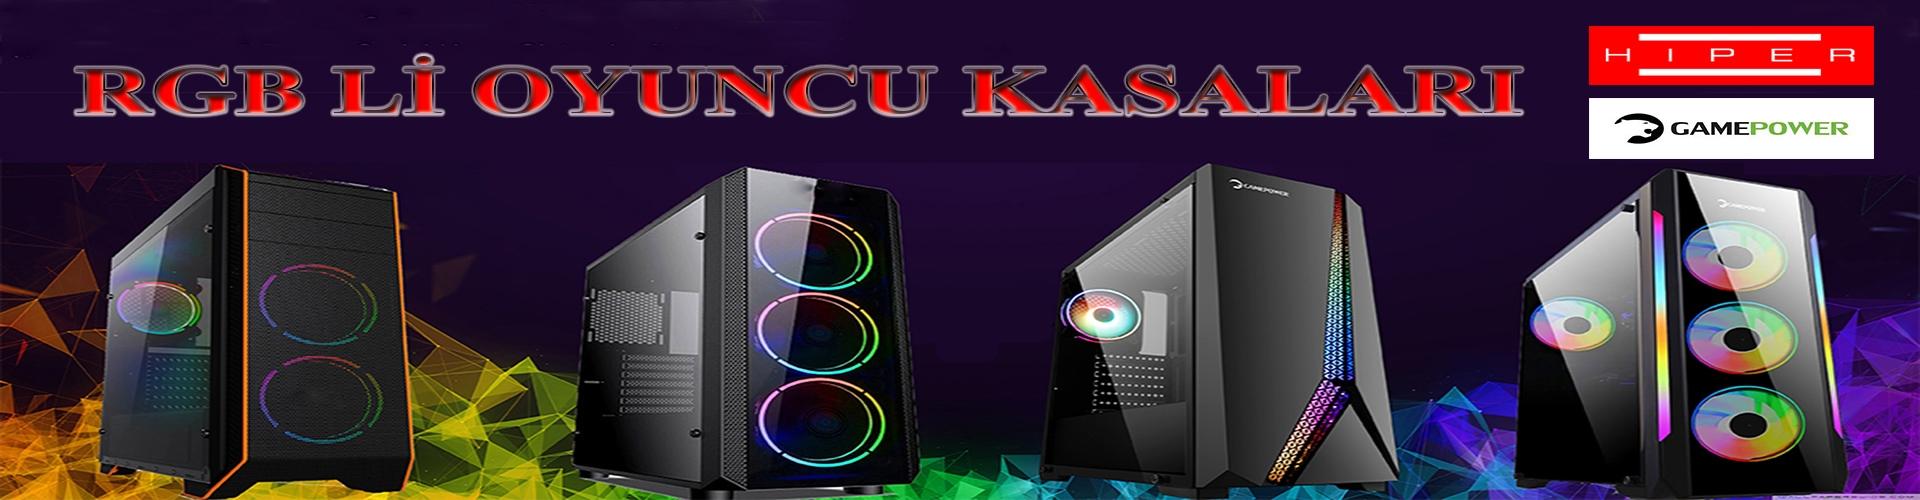 kasa banner